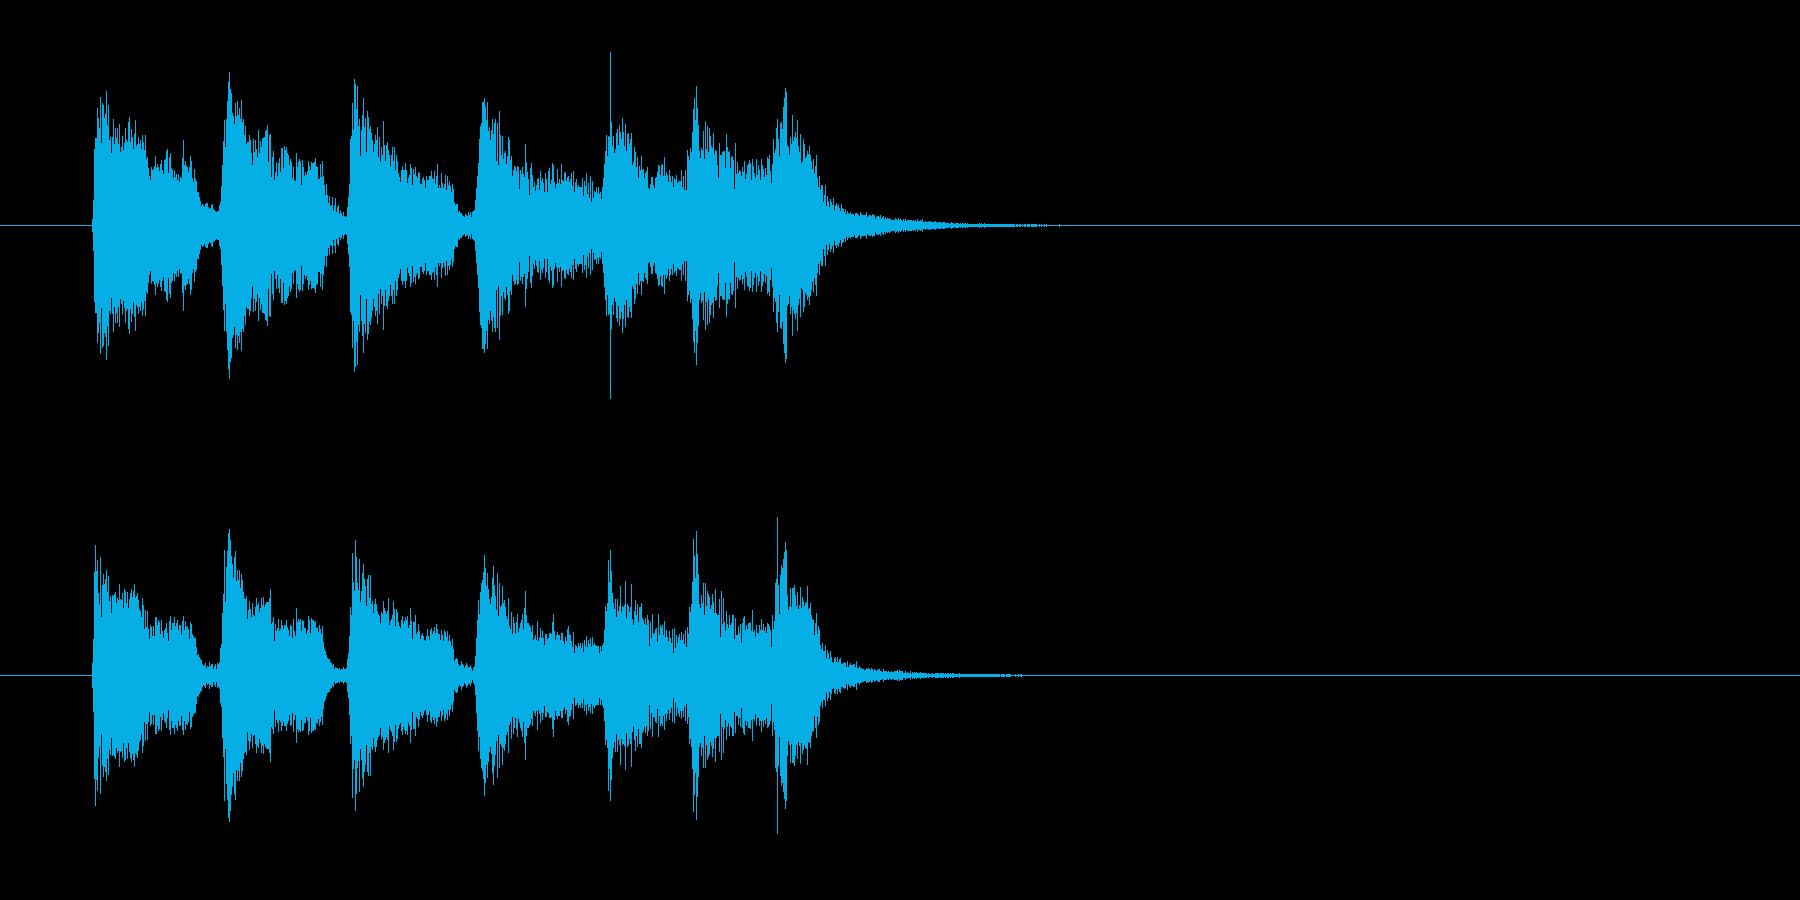 ジングル(ワールド・ミュージック風)の再生済みの波形